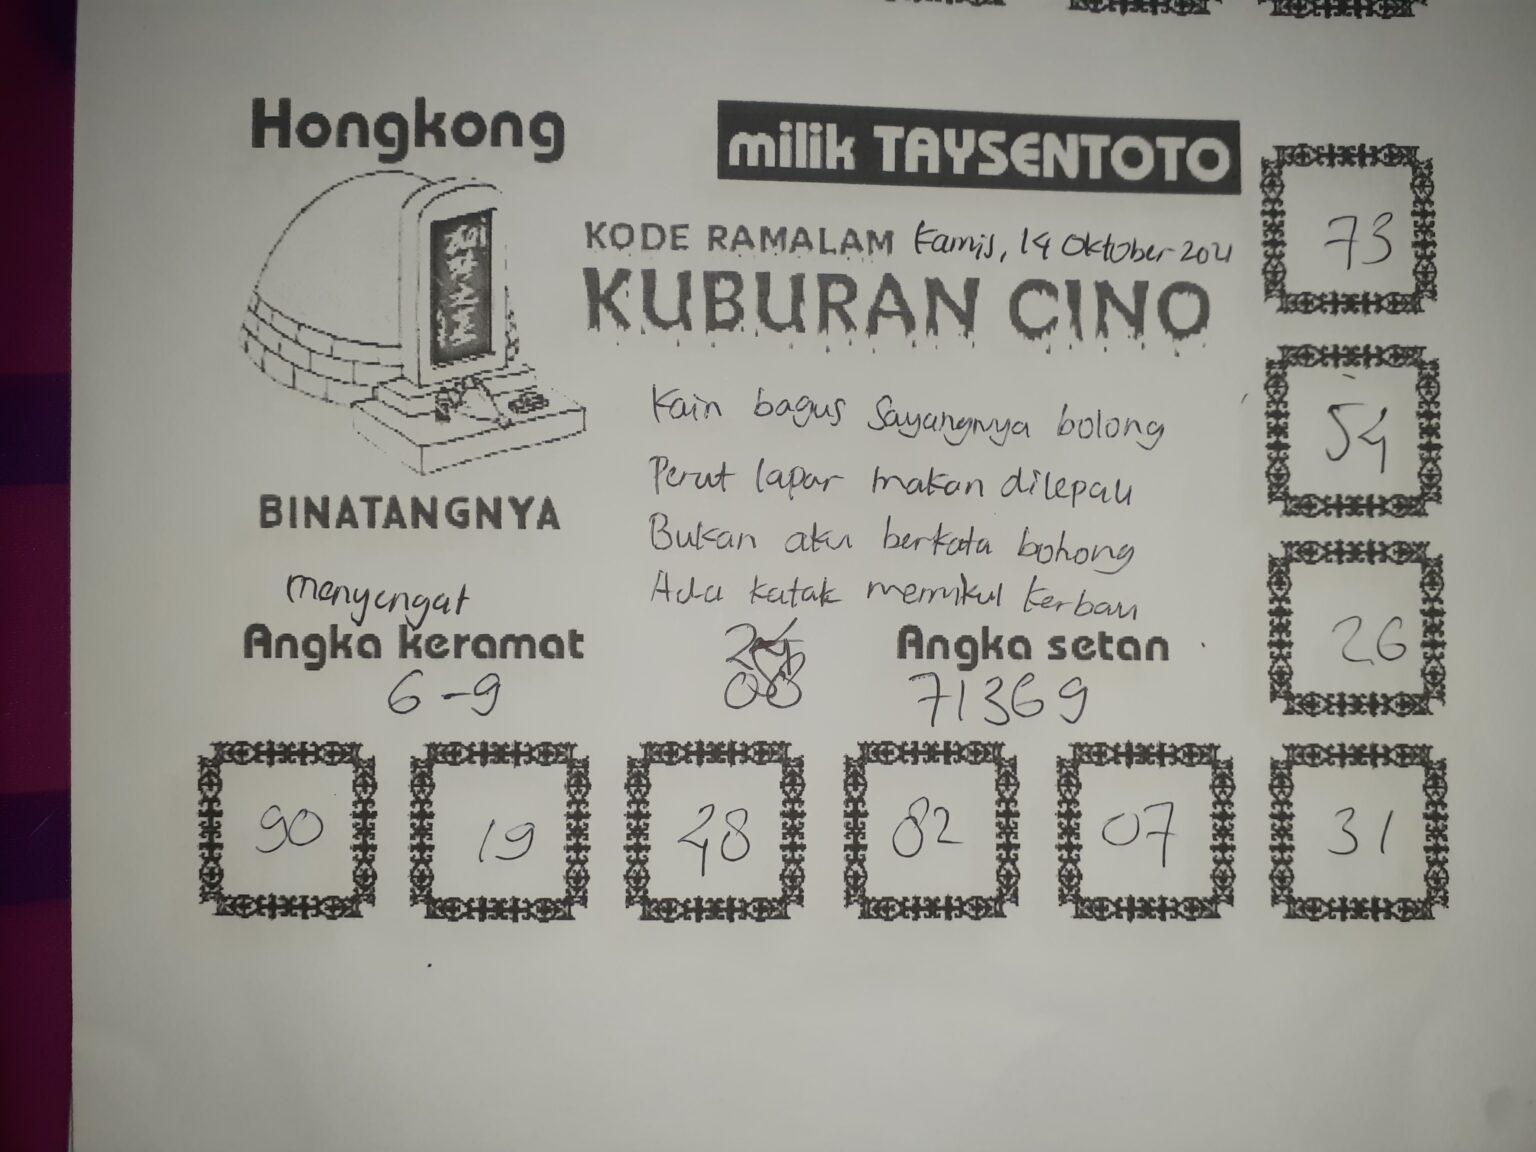 HK-KUBURAN-1536x1152.jpg